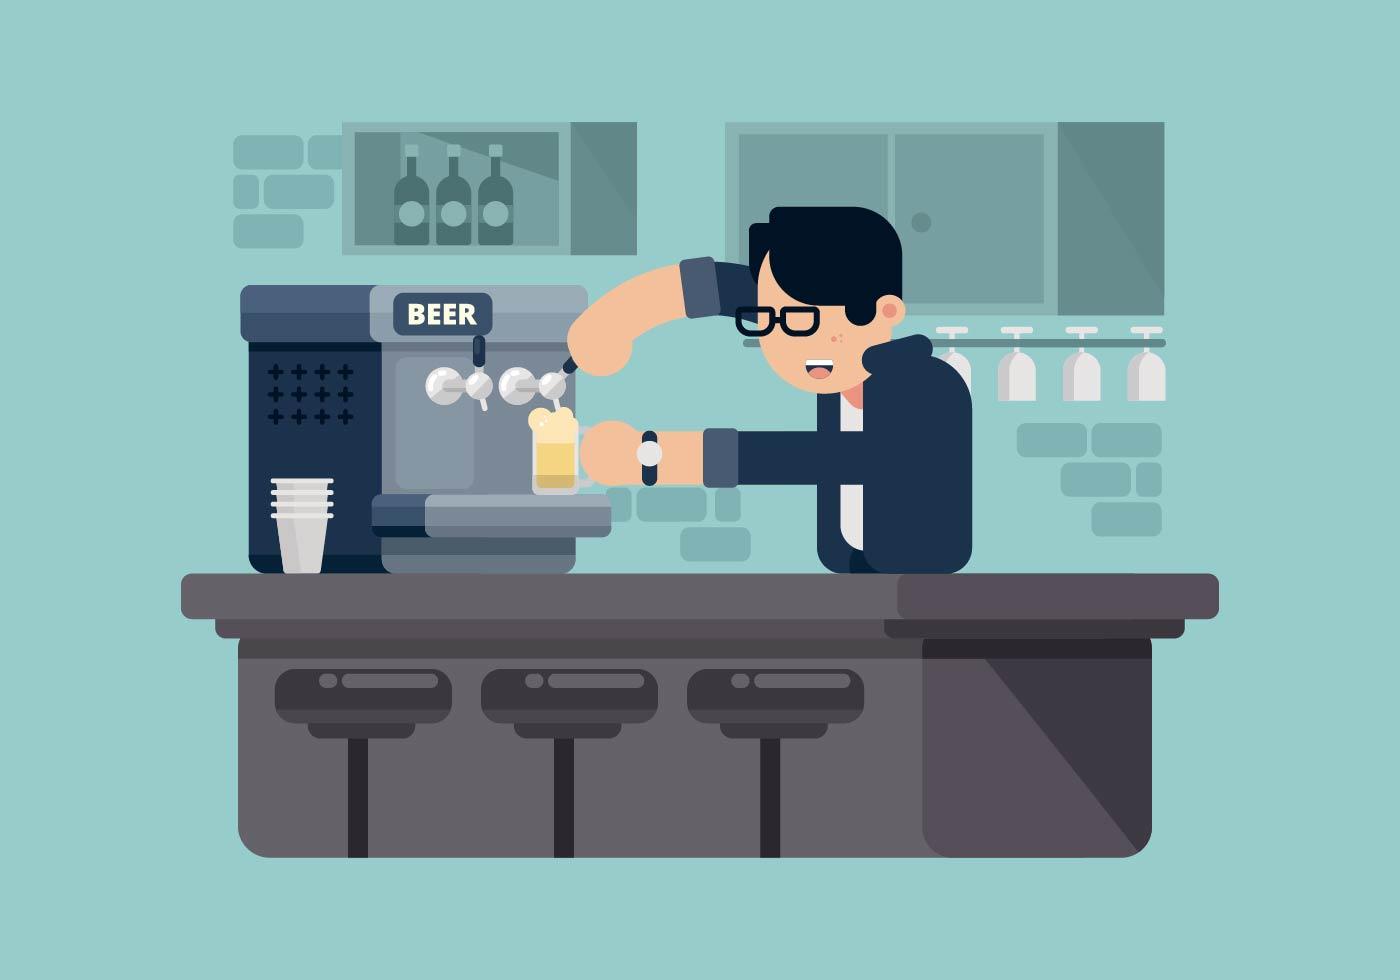 Beer Keg Free Vector Art 2606 Free Downloads